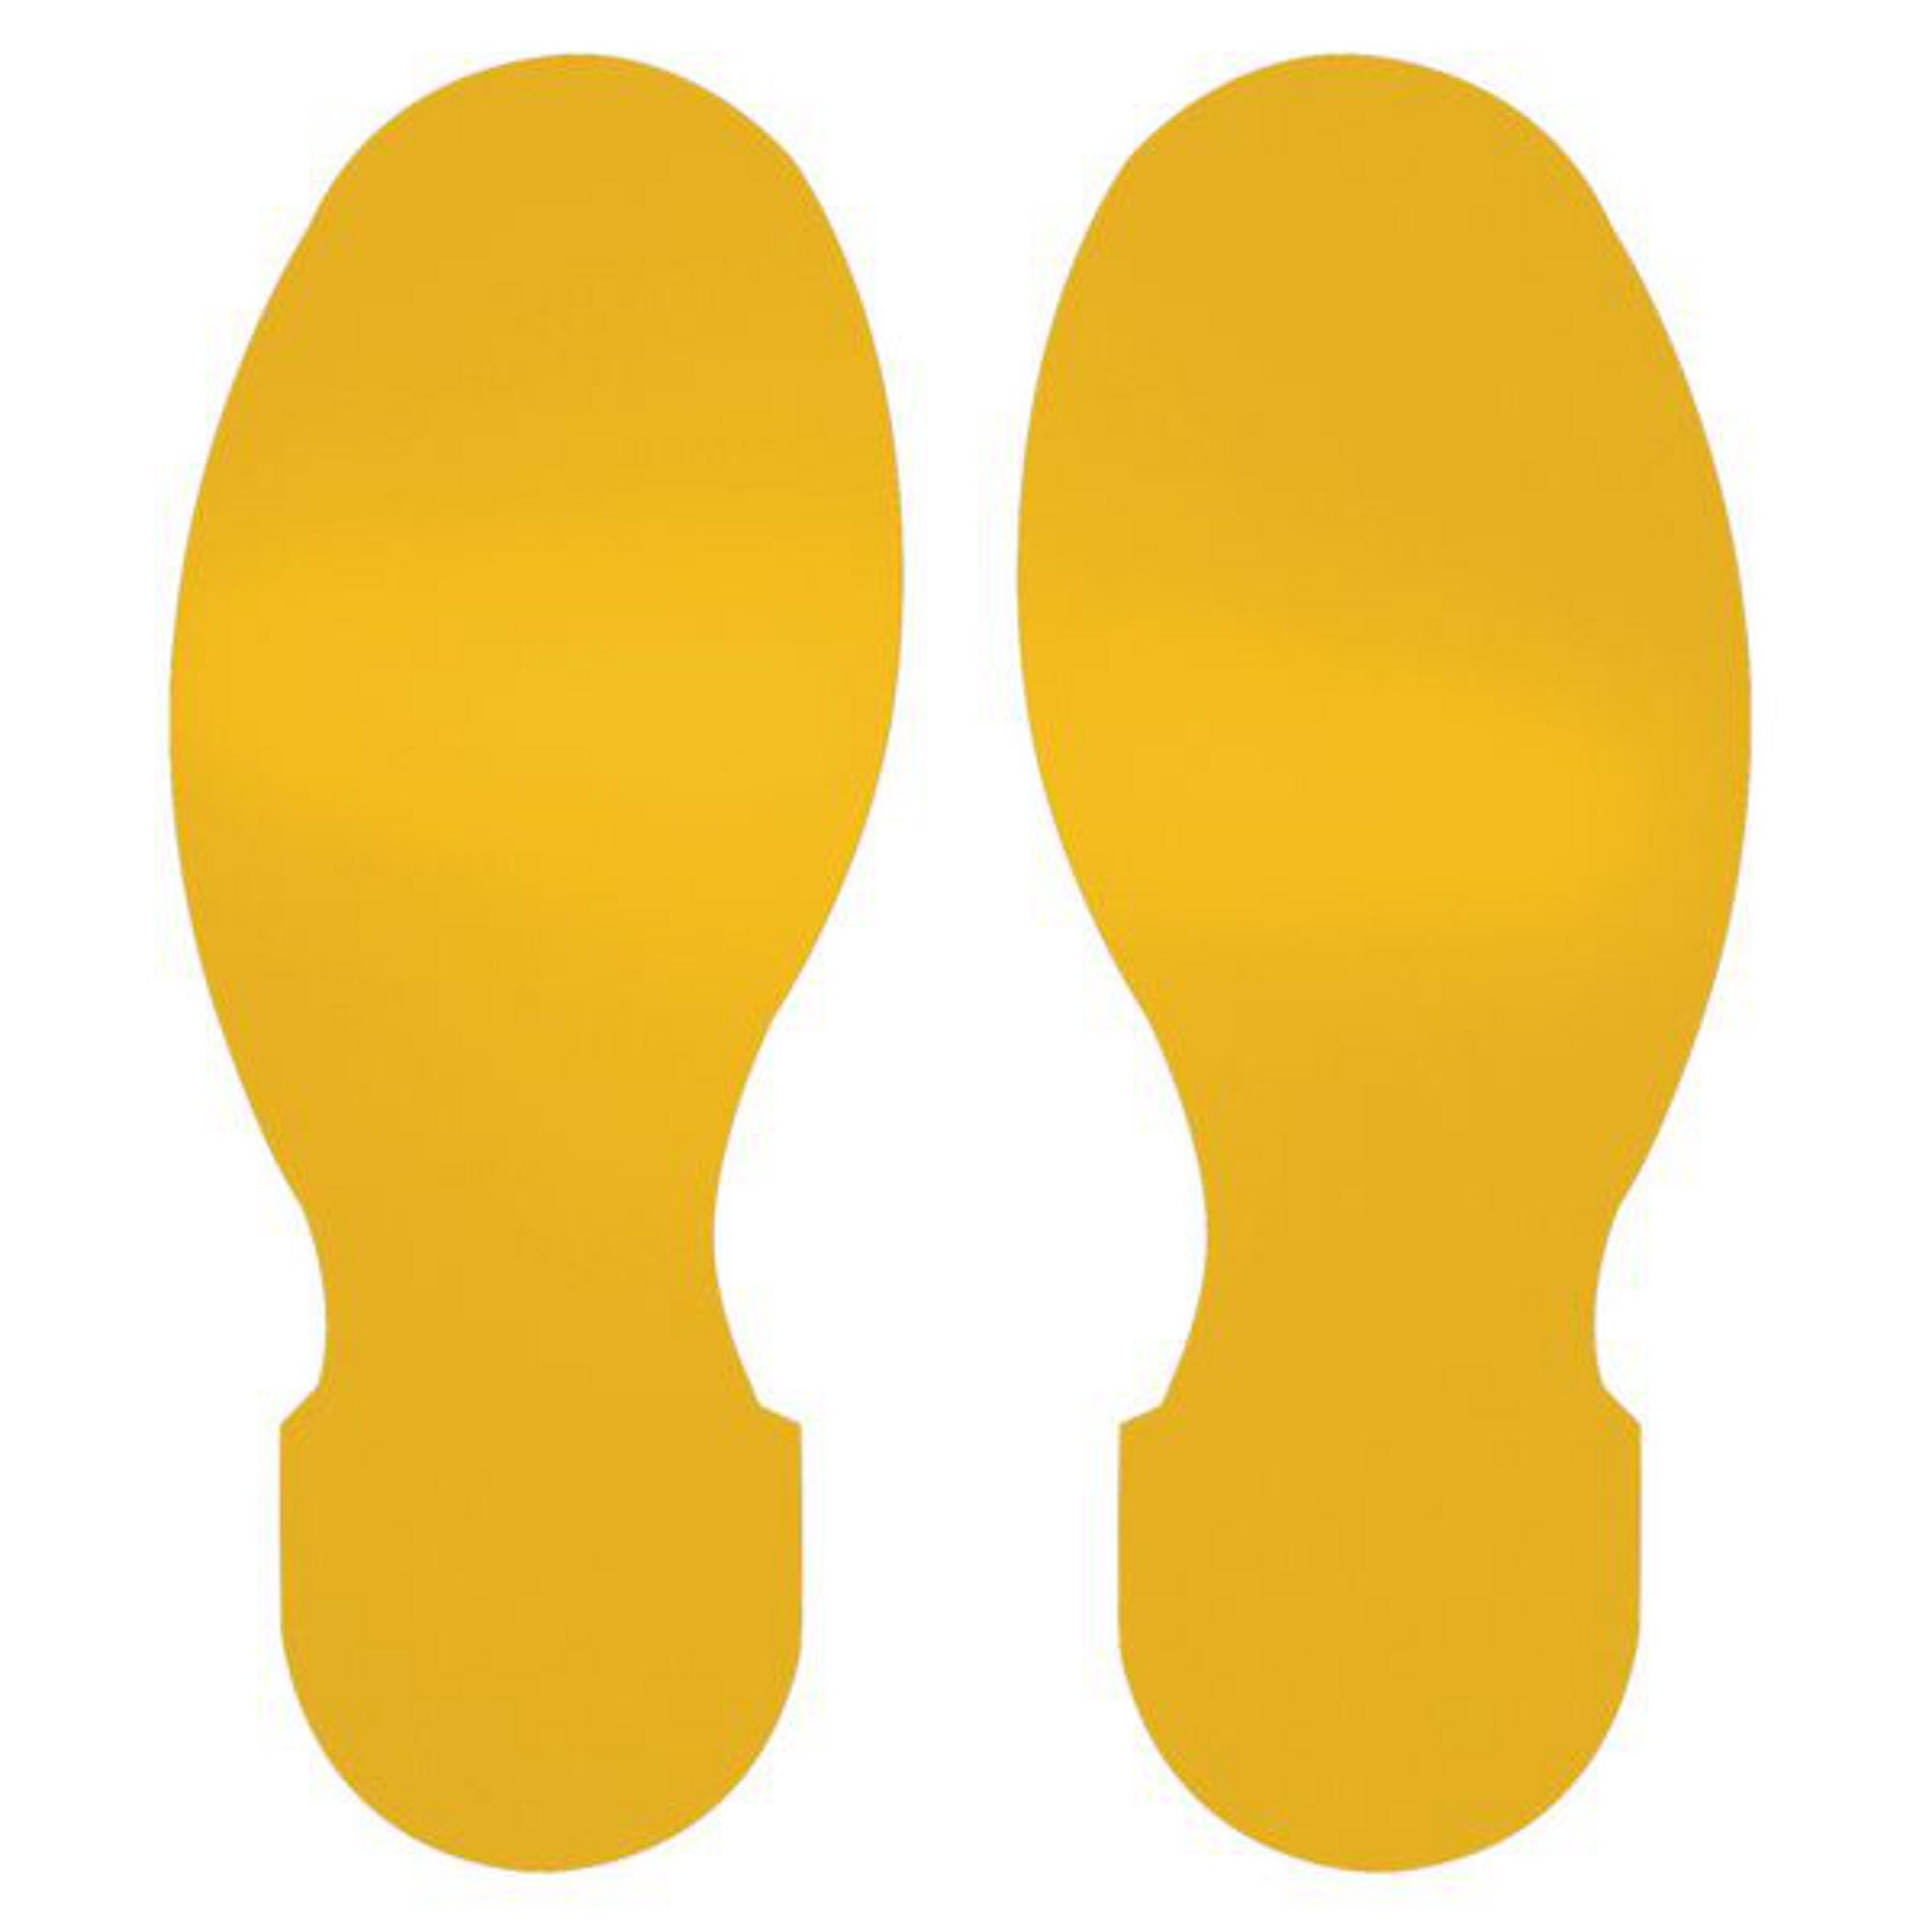 300mm Footprints Floor Signs (Pack of 10)